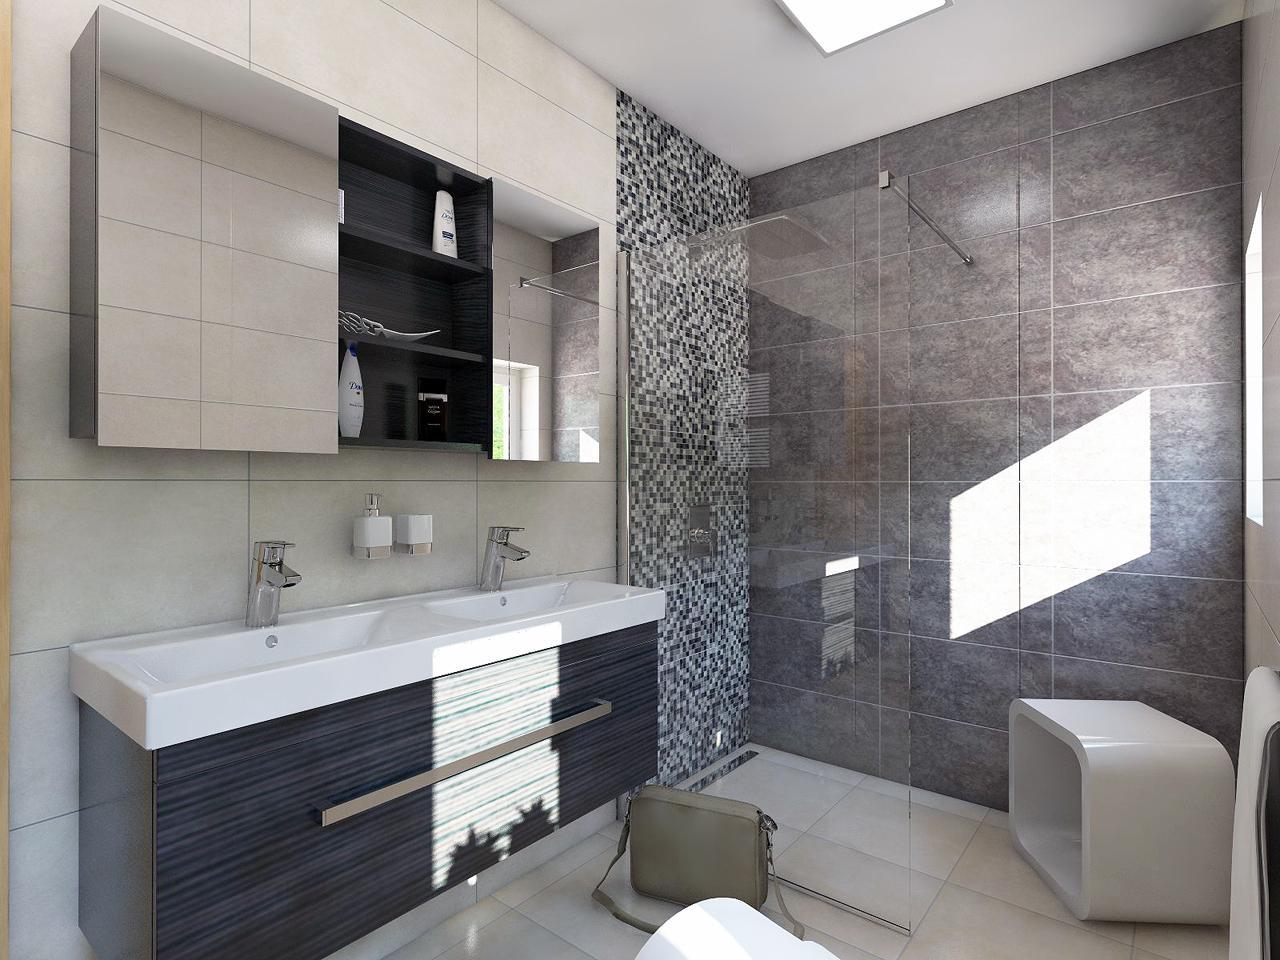 Kúpeľňové inšpirácie - Obrázok č. 5